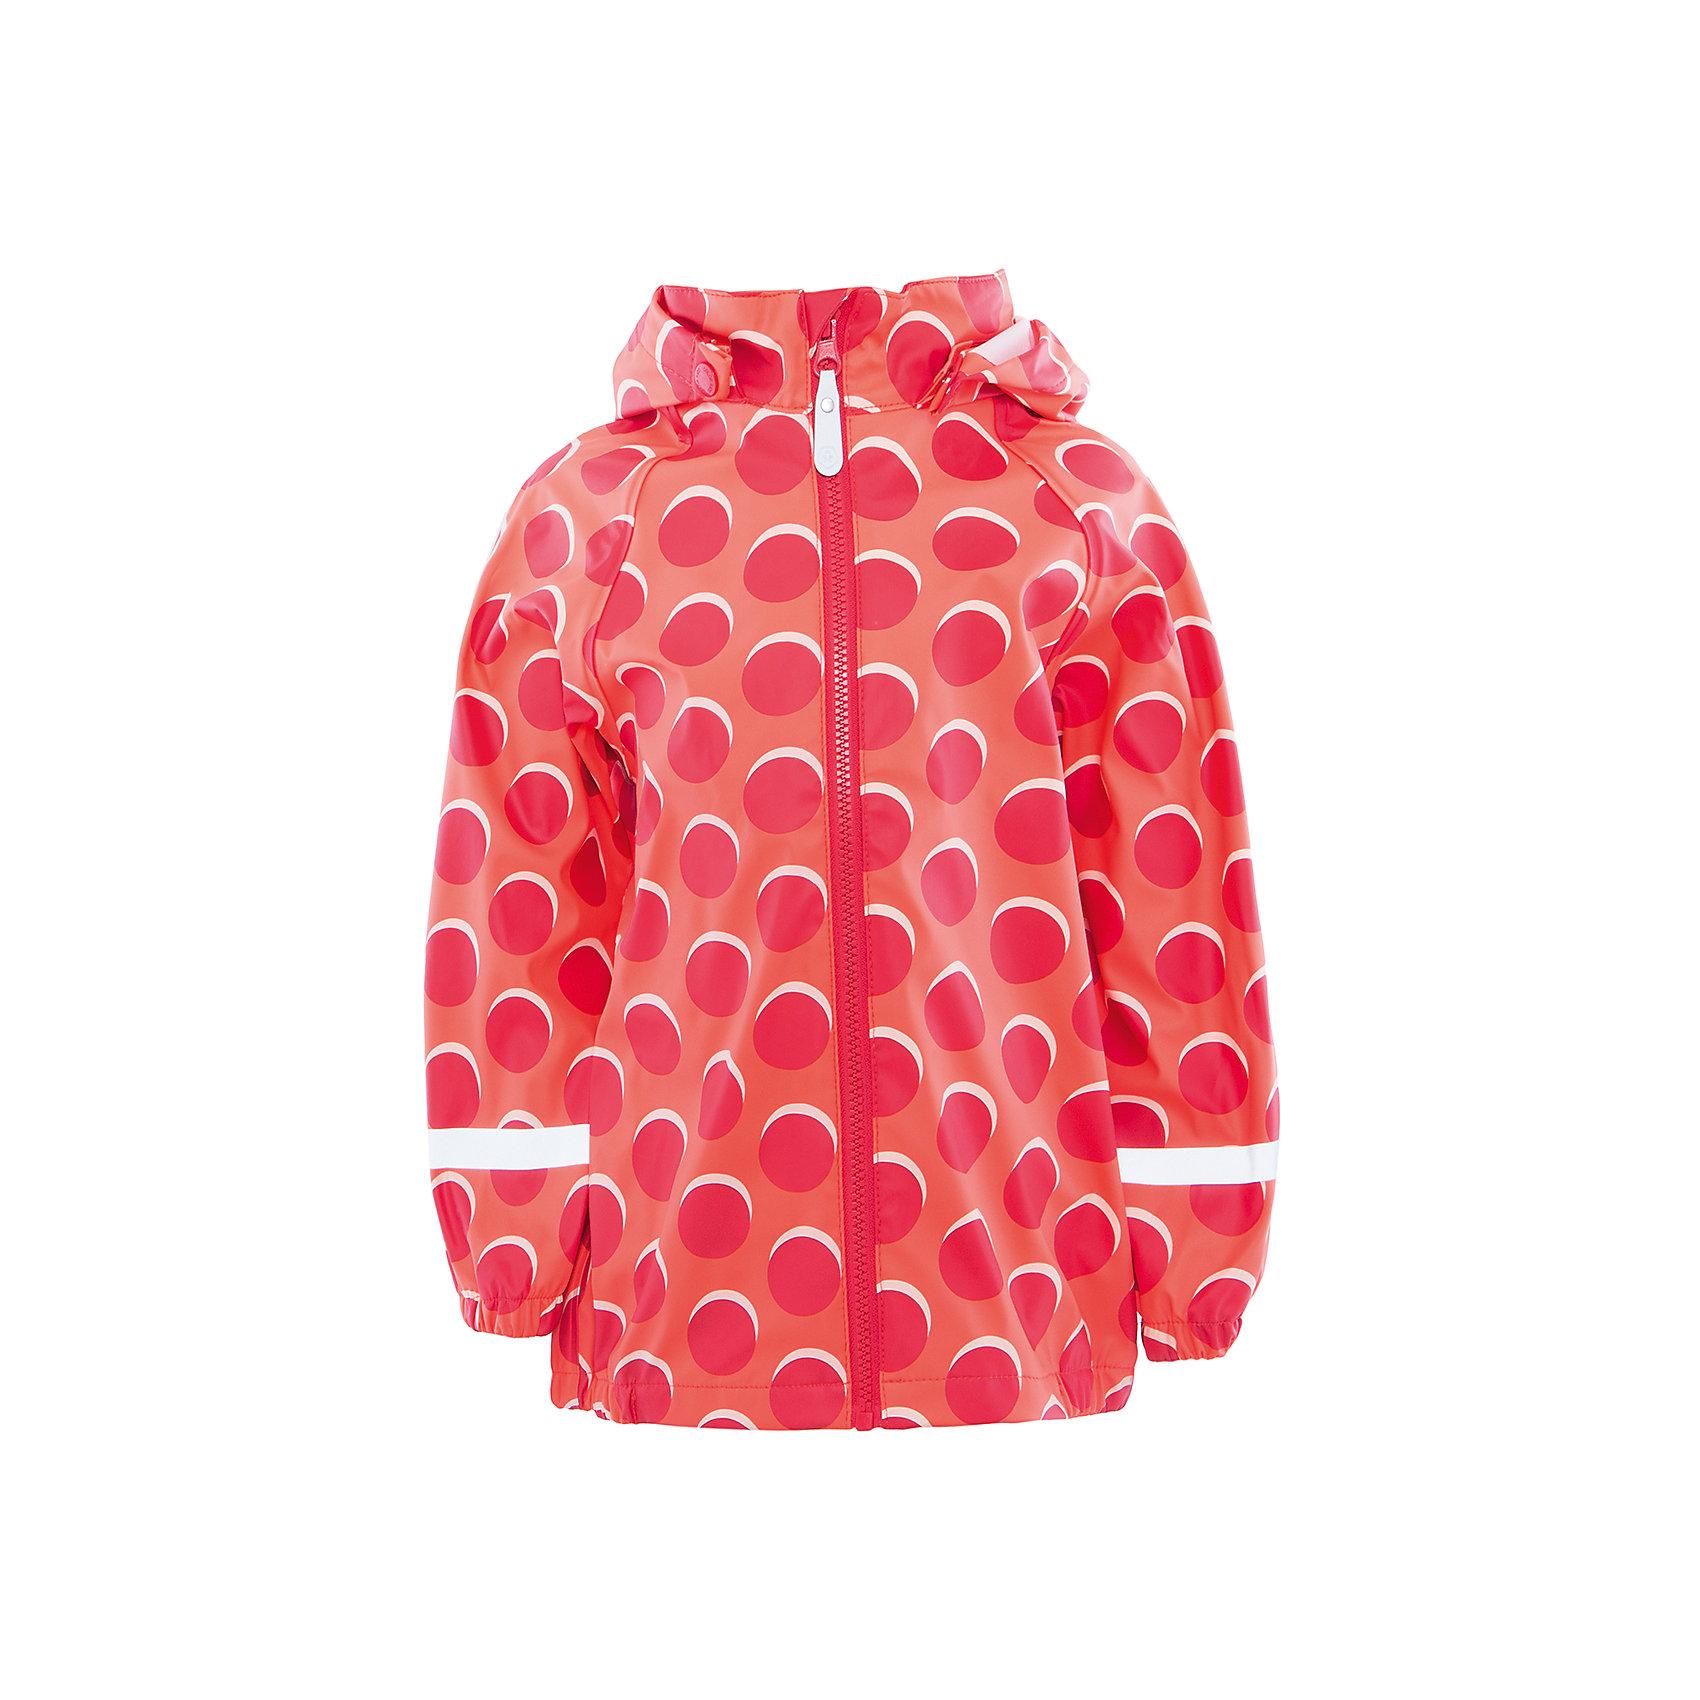 Куртка непромокаемая для девочки Color KidsВерхняя одежда<br>Характеристики товара:<br><br>• цвет: красный<br>• состав: 50 % полиэстер, 50% полиуретан<br>• без утеплителя<br>• эластичные манжеты<br>• водоотталкивающая <br>• ветрозащитная <br>• светоотражающие детали<br>• застежка: молния<br>• капюшон отстегивается<br>• защита подбородка<br>• температурный режим: +10 до +20<br>• страна производства: Китай<br>• страна бренда: Дания<br><br>Эта симпатичная и удобная куртка сделана из непромокаемого легкого материала, поэтому отлично подойдет для дождливой погоды в весенне-летний сезон. <br><br>Она комфортно сидит и обеспечивает ребенку необходимое удобство. Очень стильно смотрится. Отличный вариант качественной одежды от проверенного производителя!<br><br>Куртку для девочки от датского бренда Color Kids (Колор кидз) можно купить в нашем интернет-магазине.<br><br>Ширина мм: 356<br>Глубина мм: 10<br>Высота мм: 245<br>Вес г: 519<br>Цвет: красный<br>Возраст от месяцев: 48<br>Возраст до месяцев: 60<br>Пол: Женский<br>Возраст: Детский<br>Размер: 110,98,104,116,122,128<br>SKU: 5557332